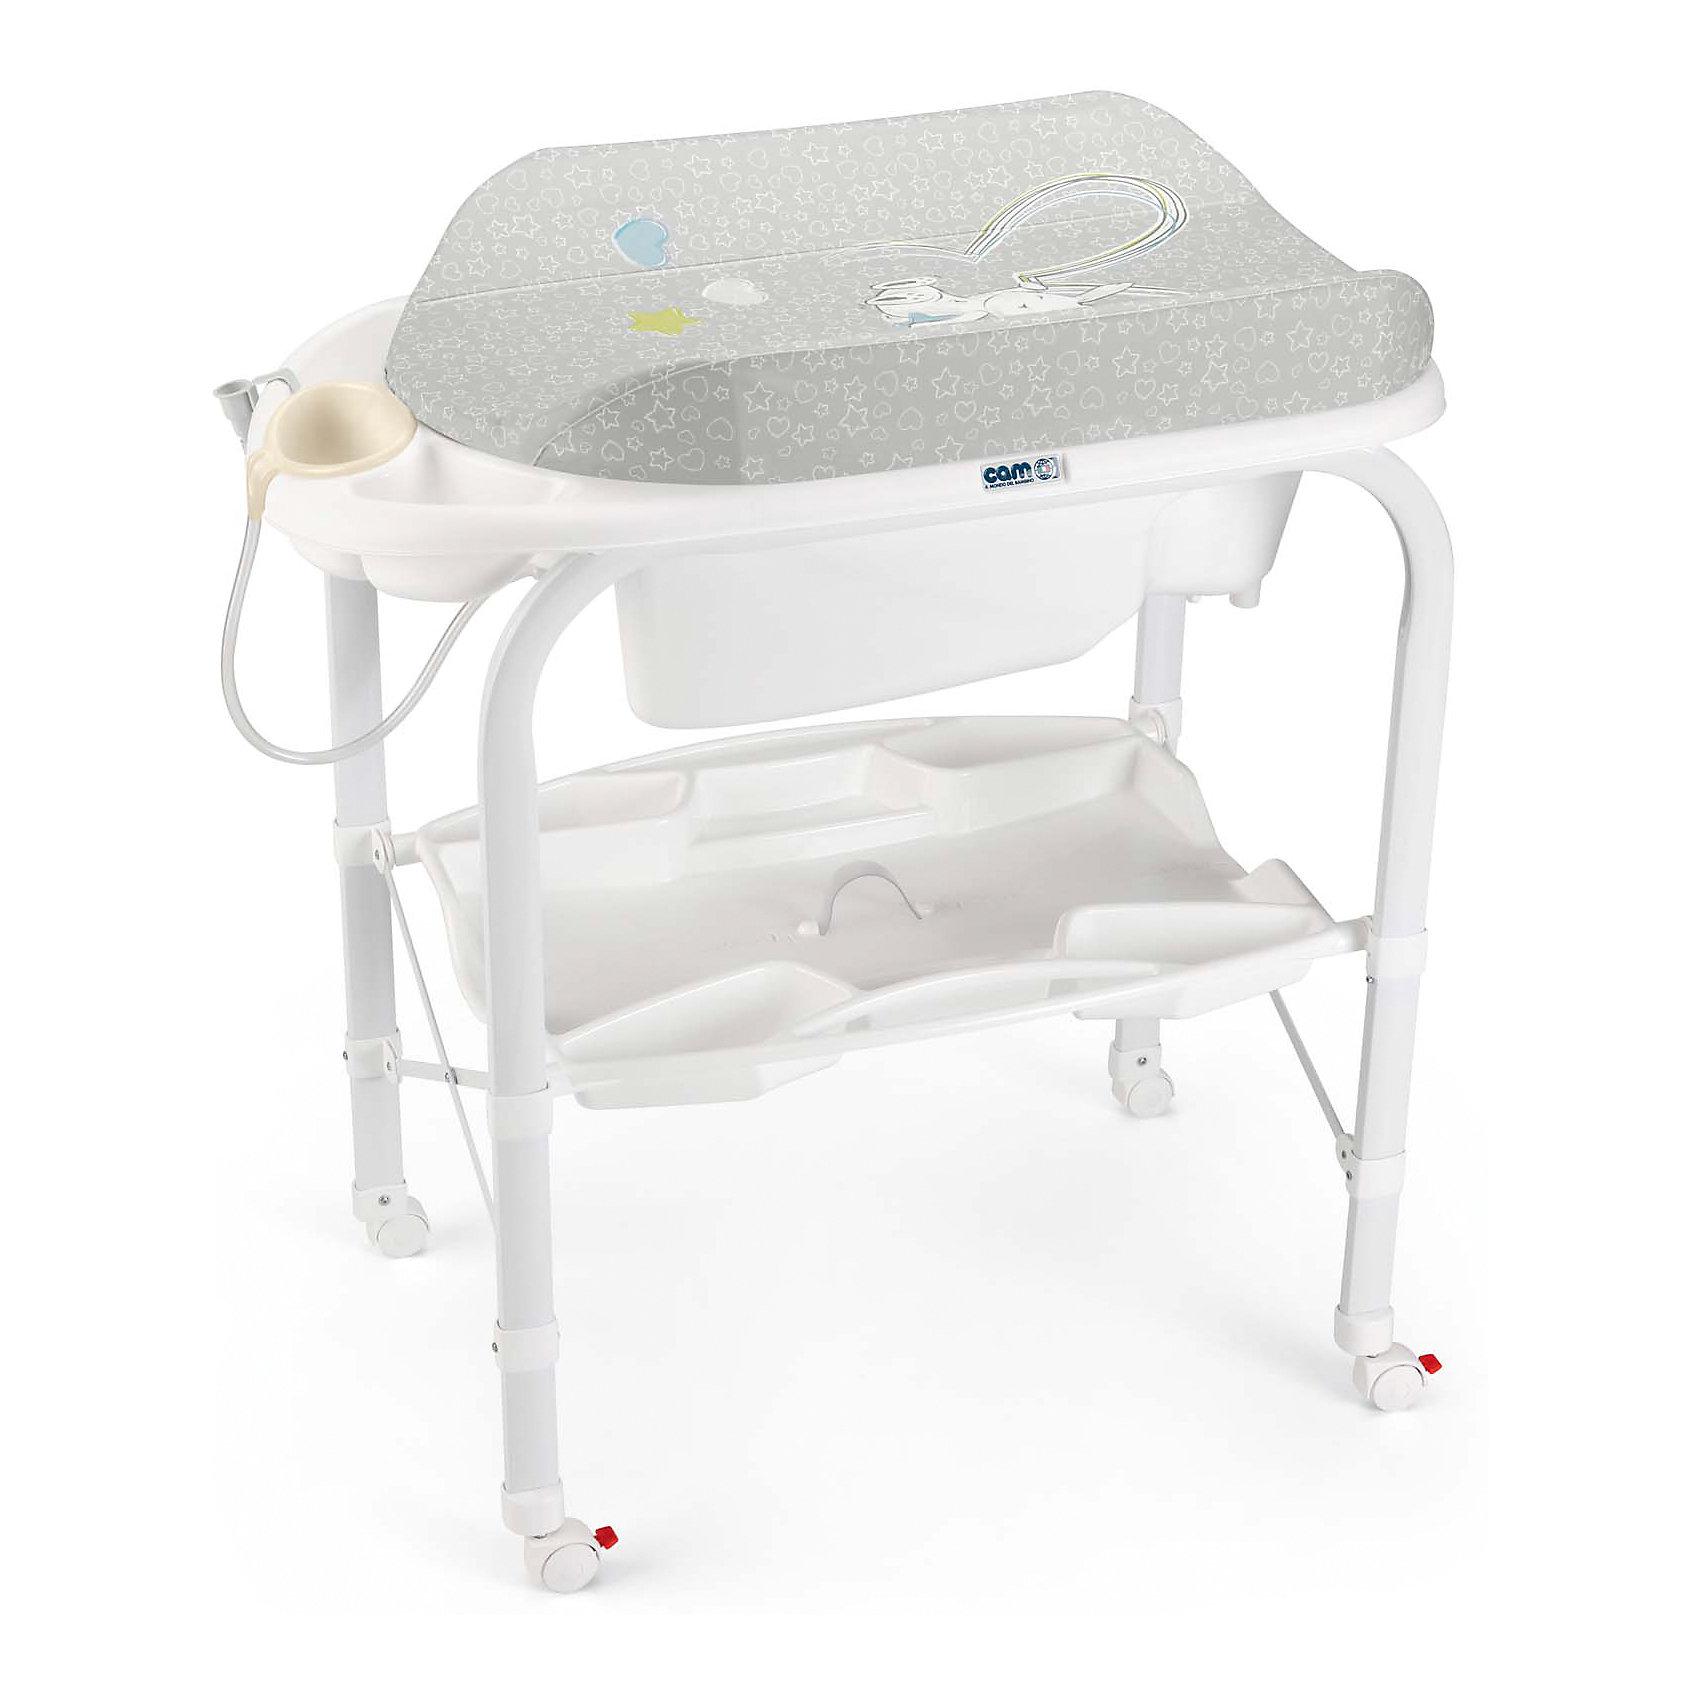 CAM Пеленальный столик Cambio, Зайка, Cam, серый cam автокресло auto gara 0 18 кг cam синий серый